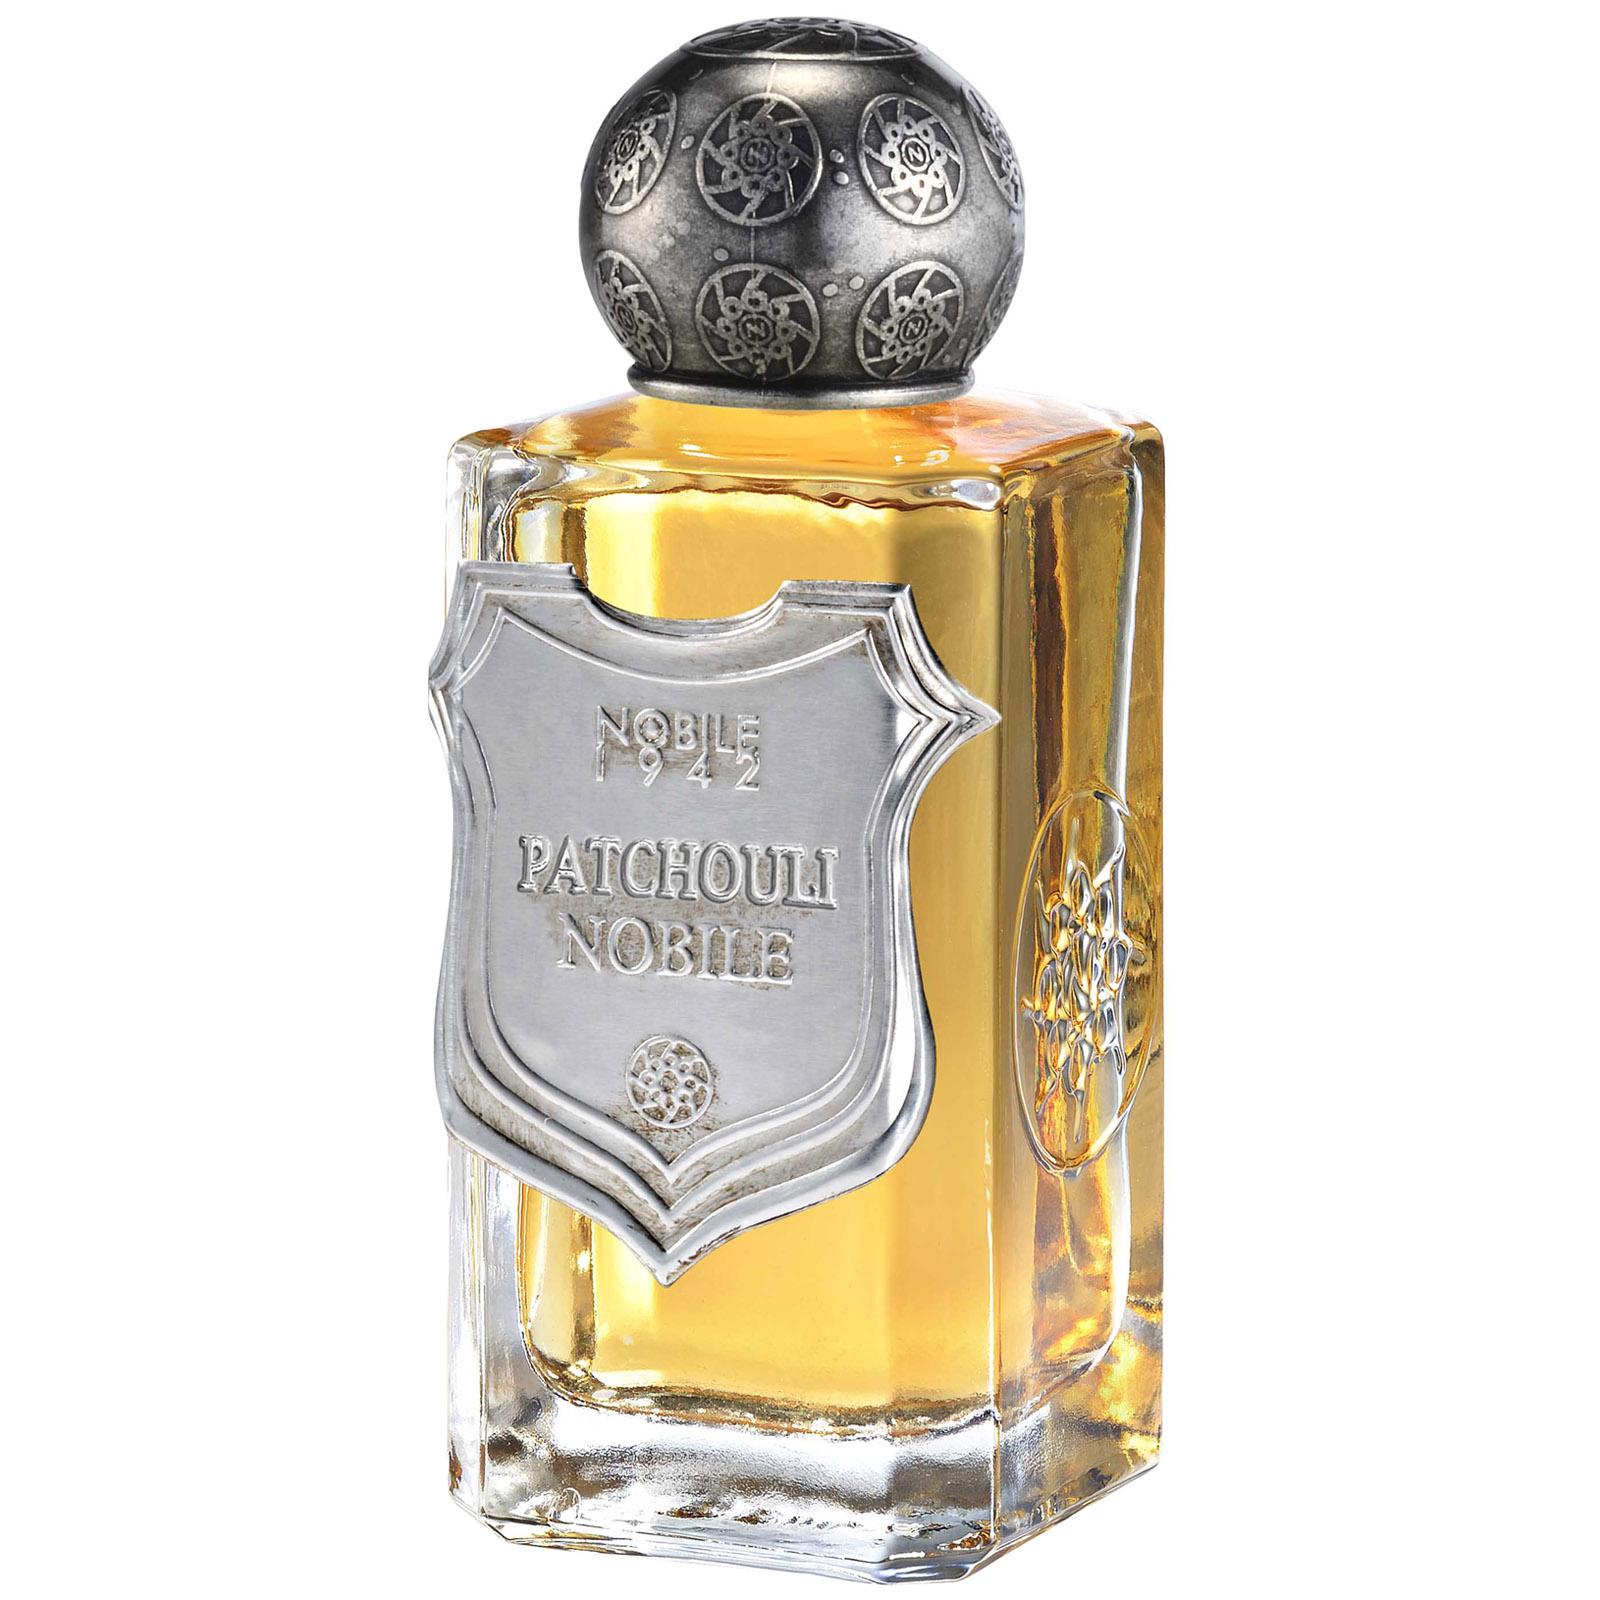 Patchouli nobile profumo eau de parfum 75 ml